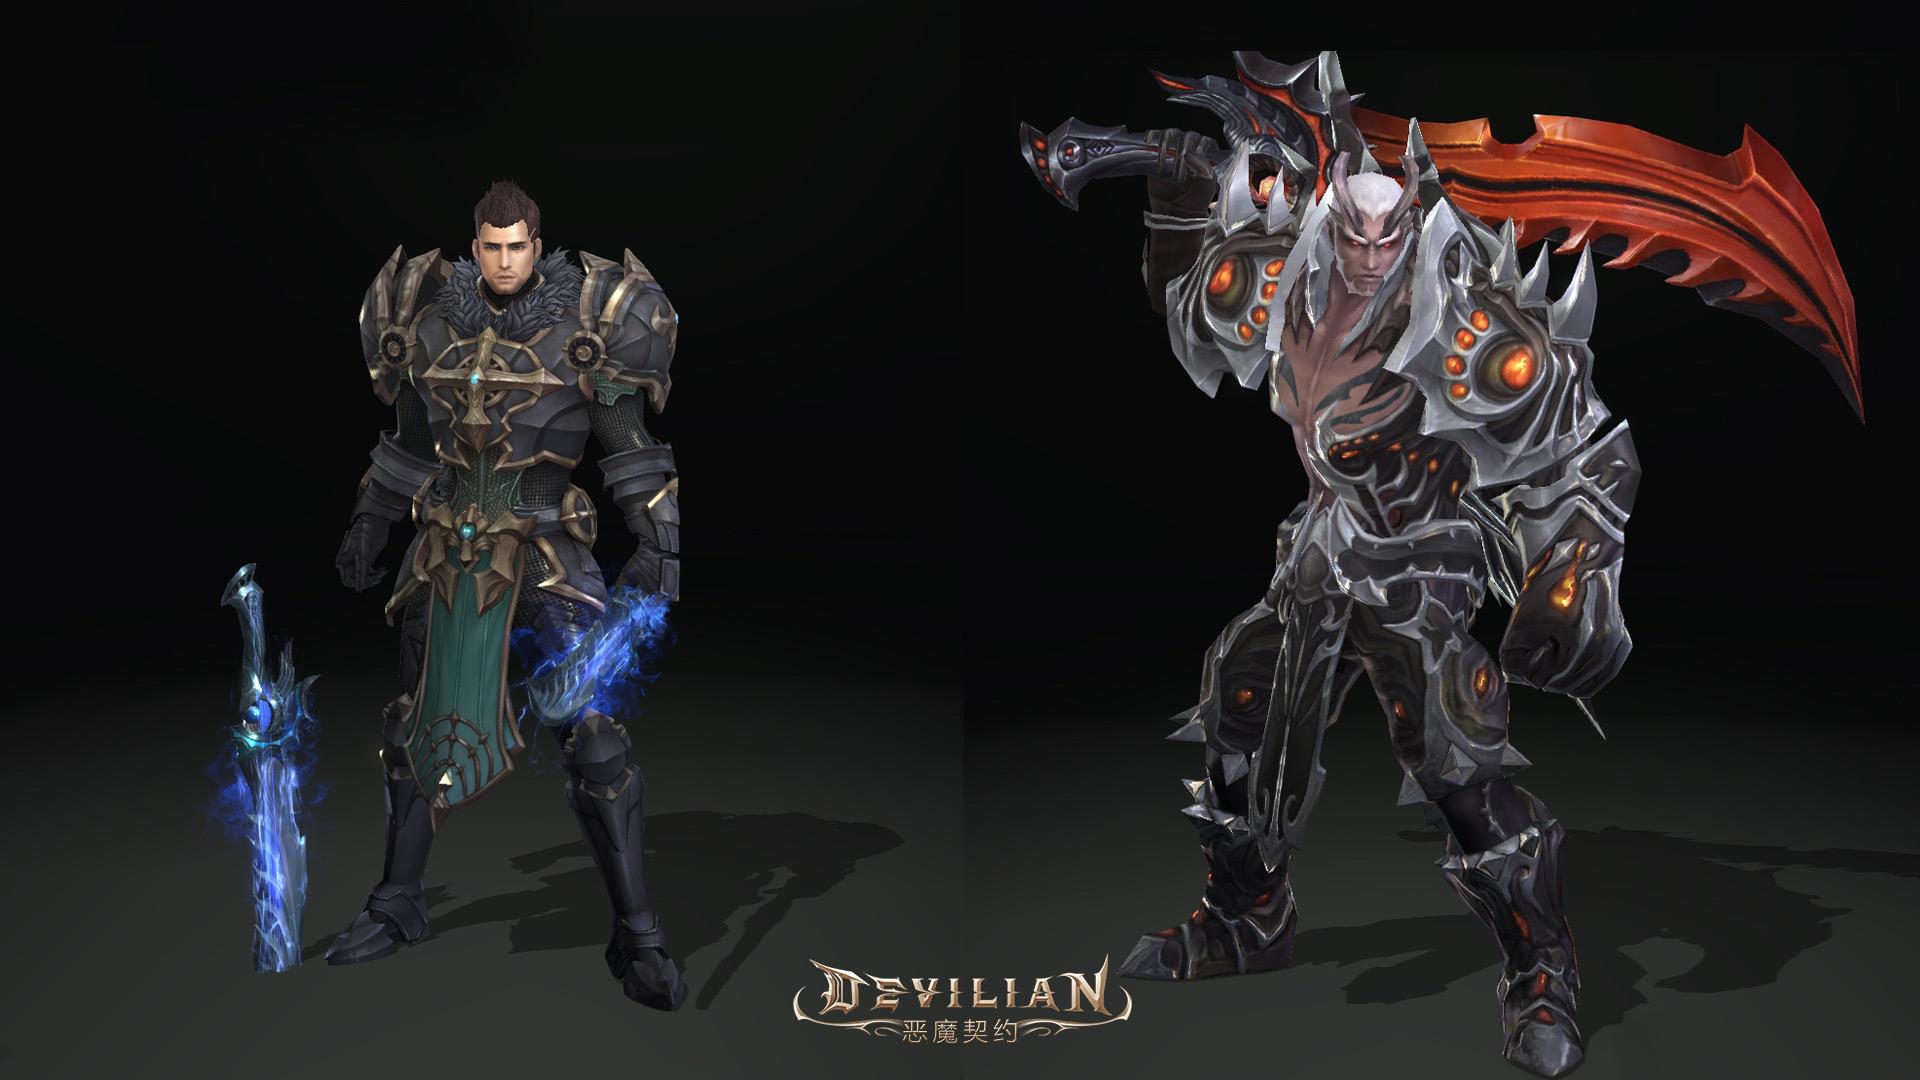 Devilian heute mit nächster Beta-Phase, wenn die Installation mal klappt